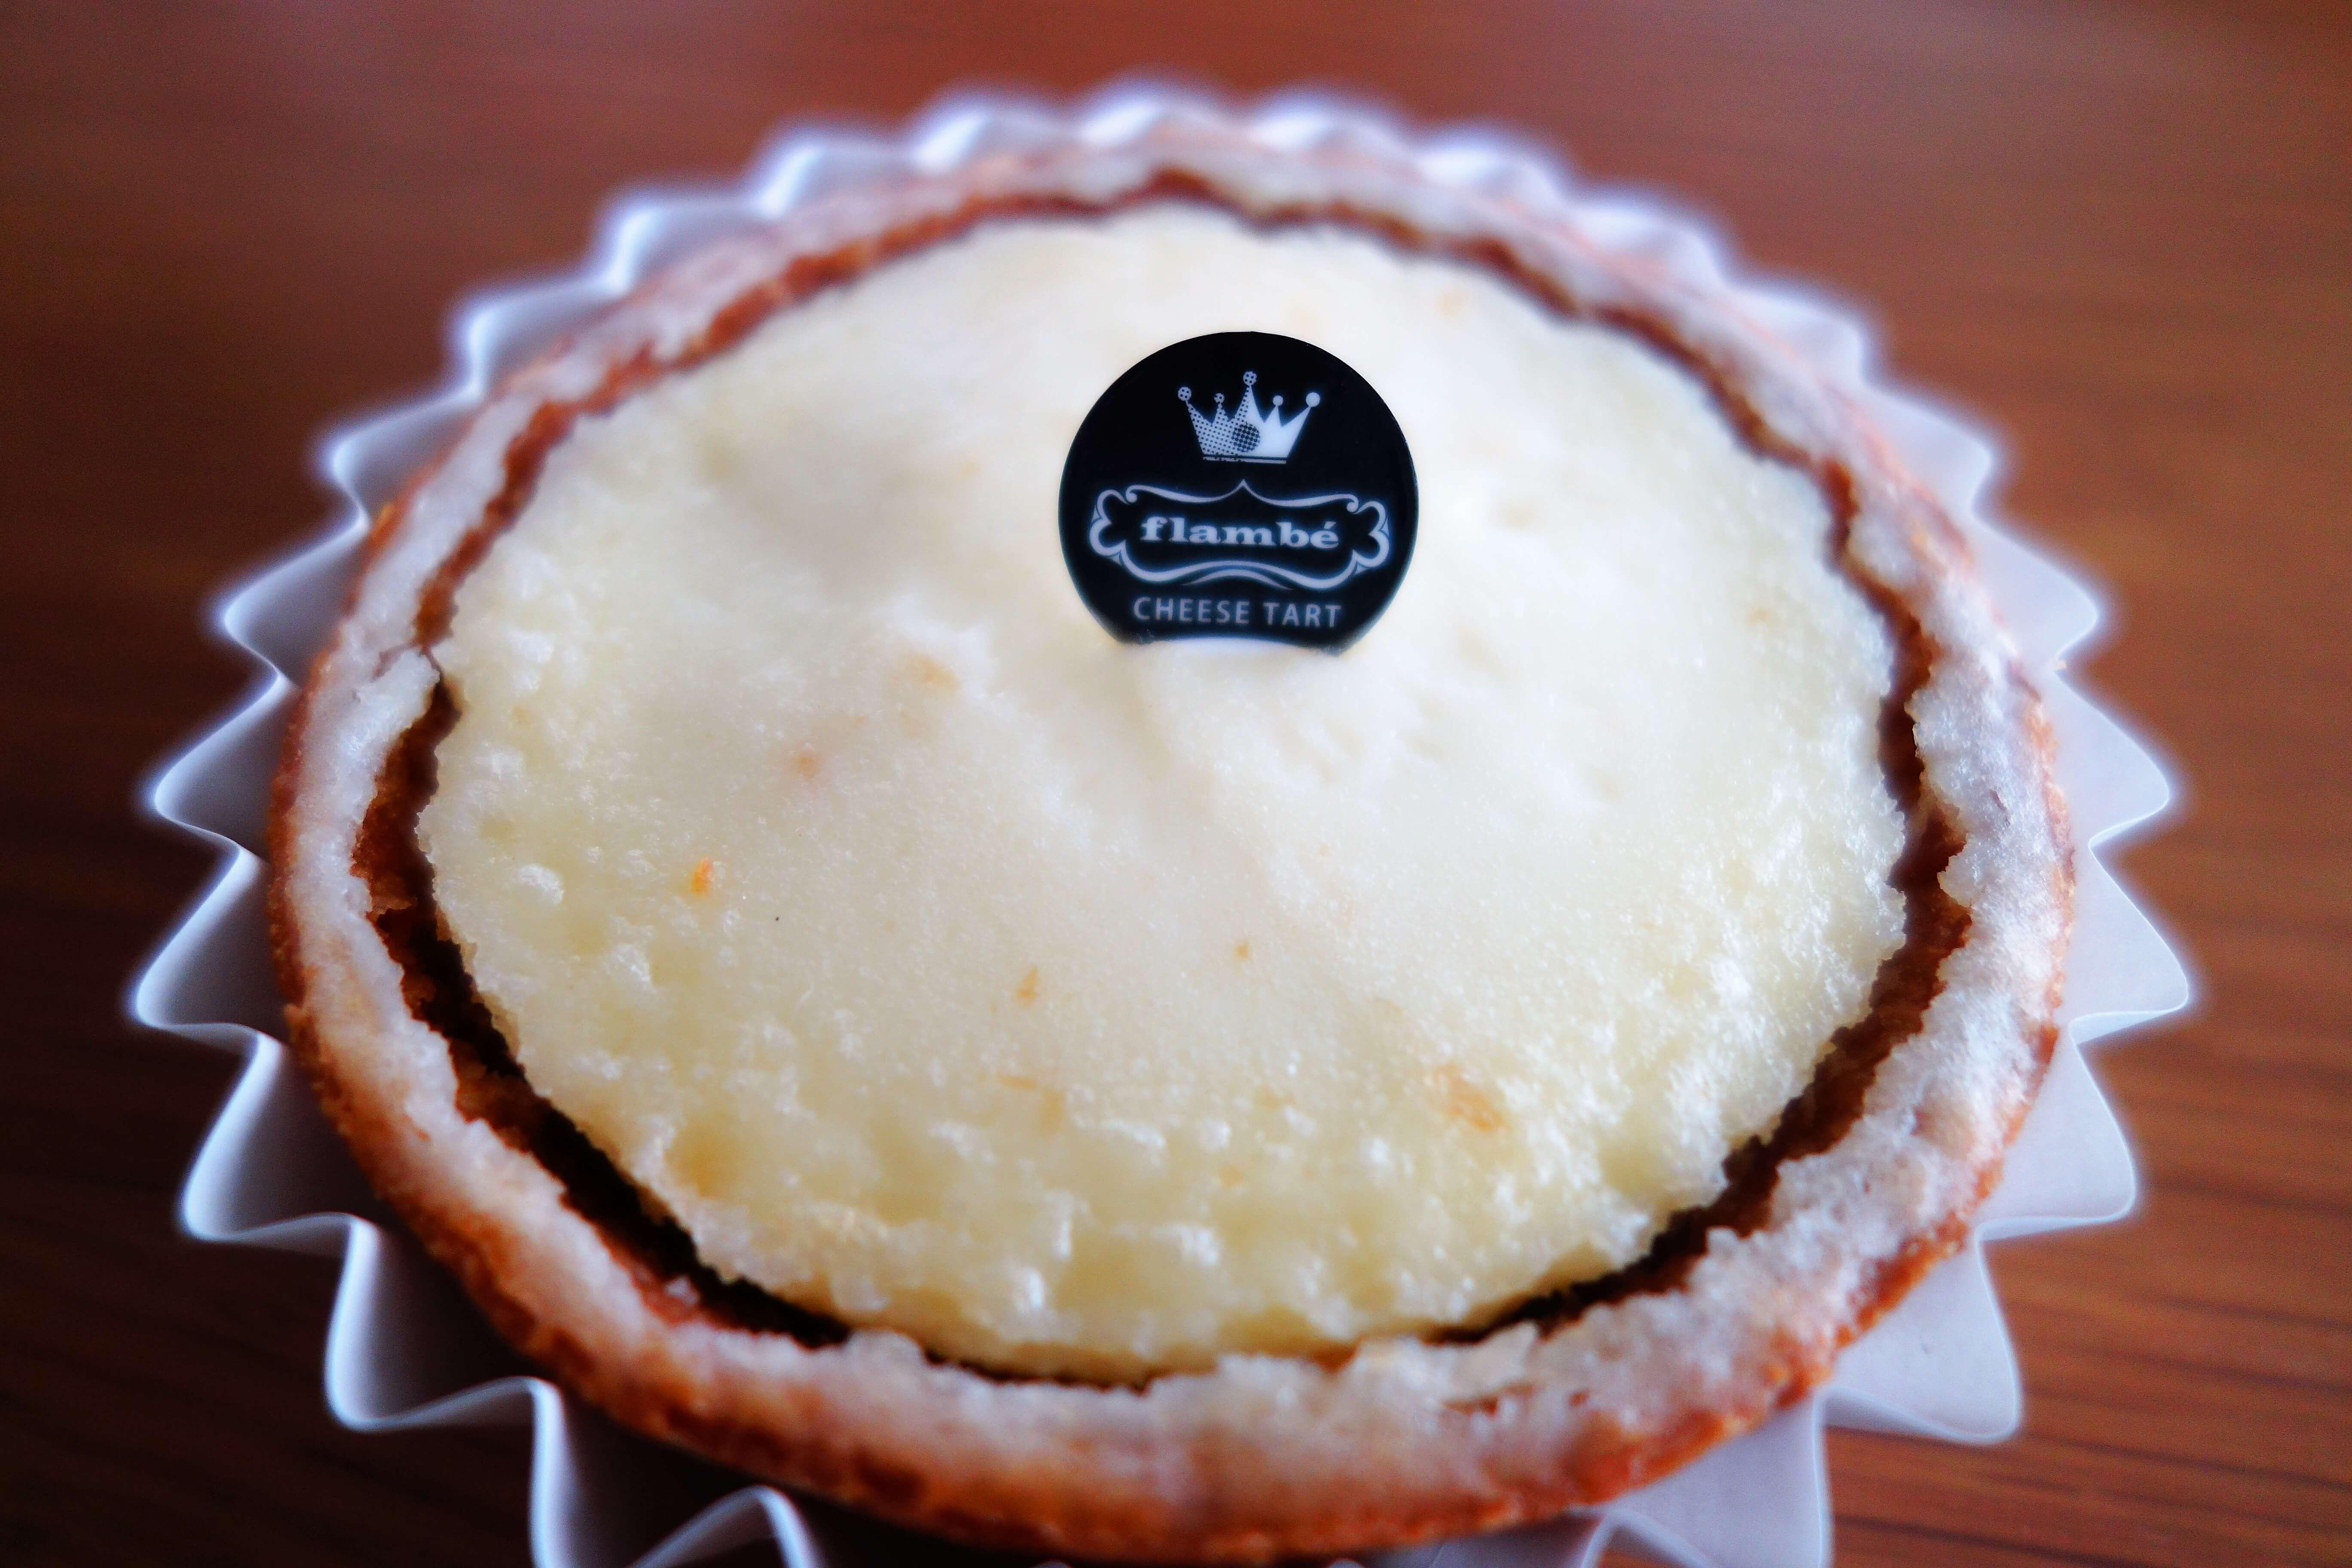 焼きチーズタルト専門店フラン|金沢市にある濃厚な2種類のチーズを重ねた「2重層のチーズ」がオススメ